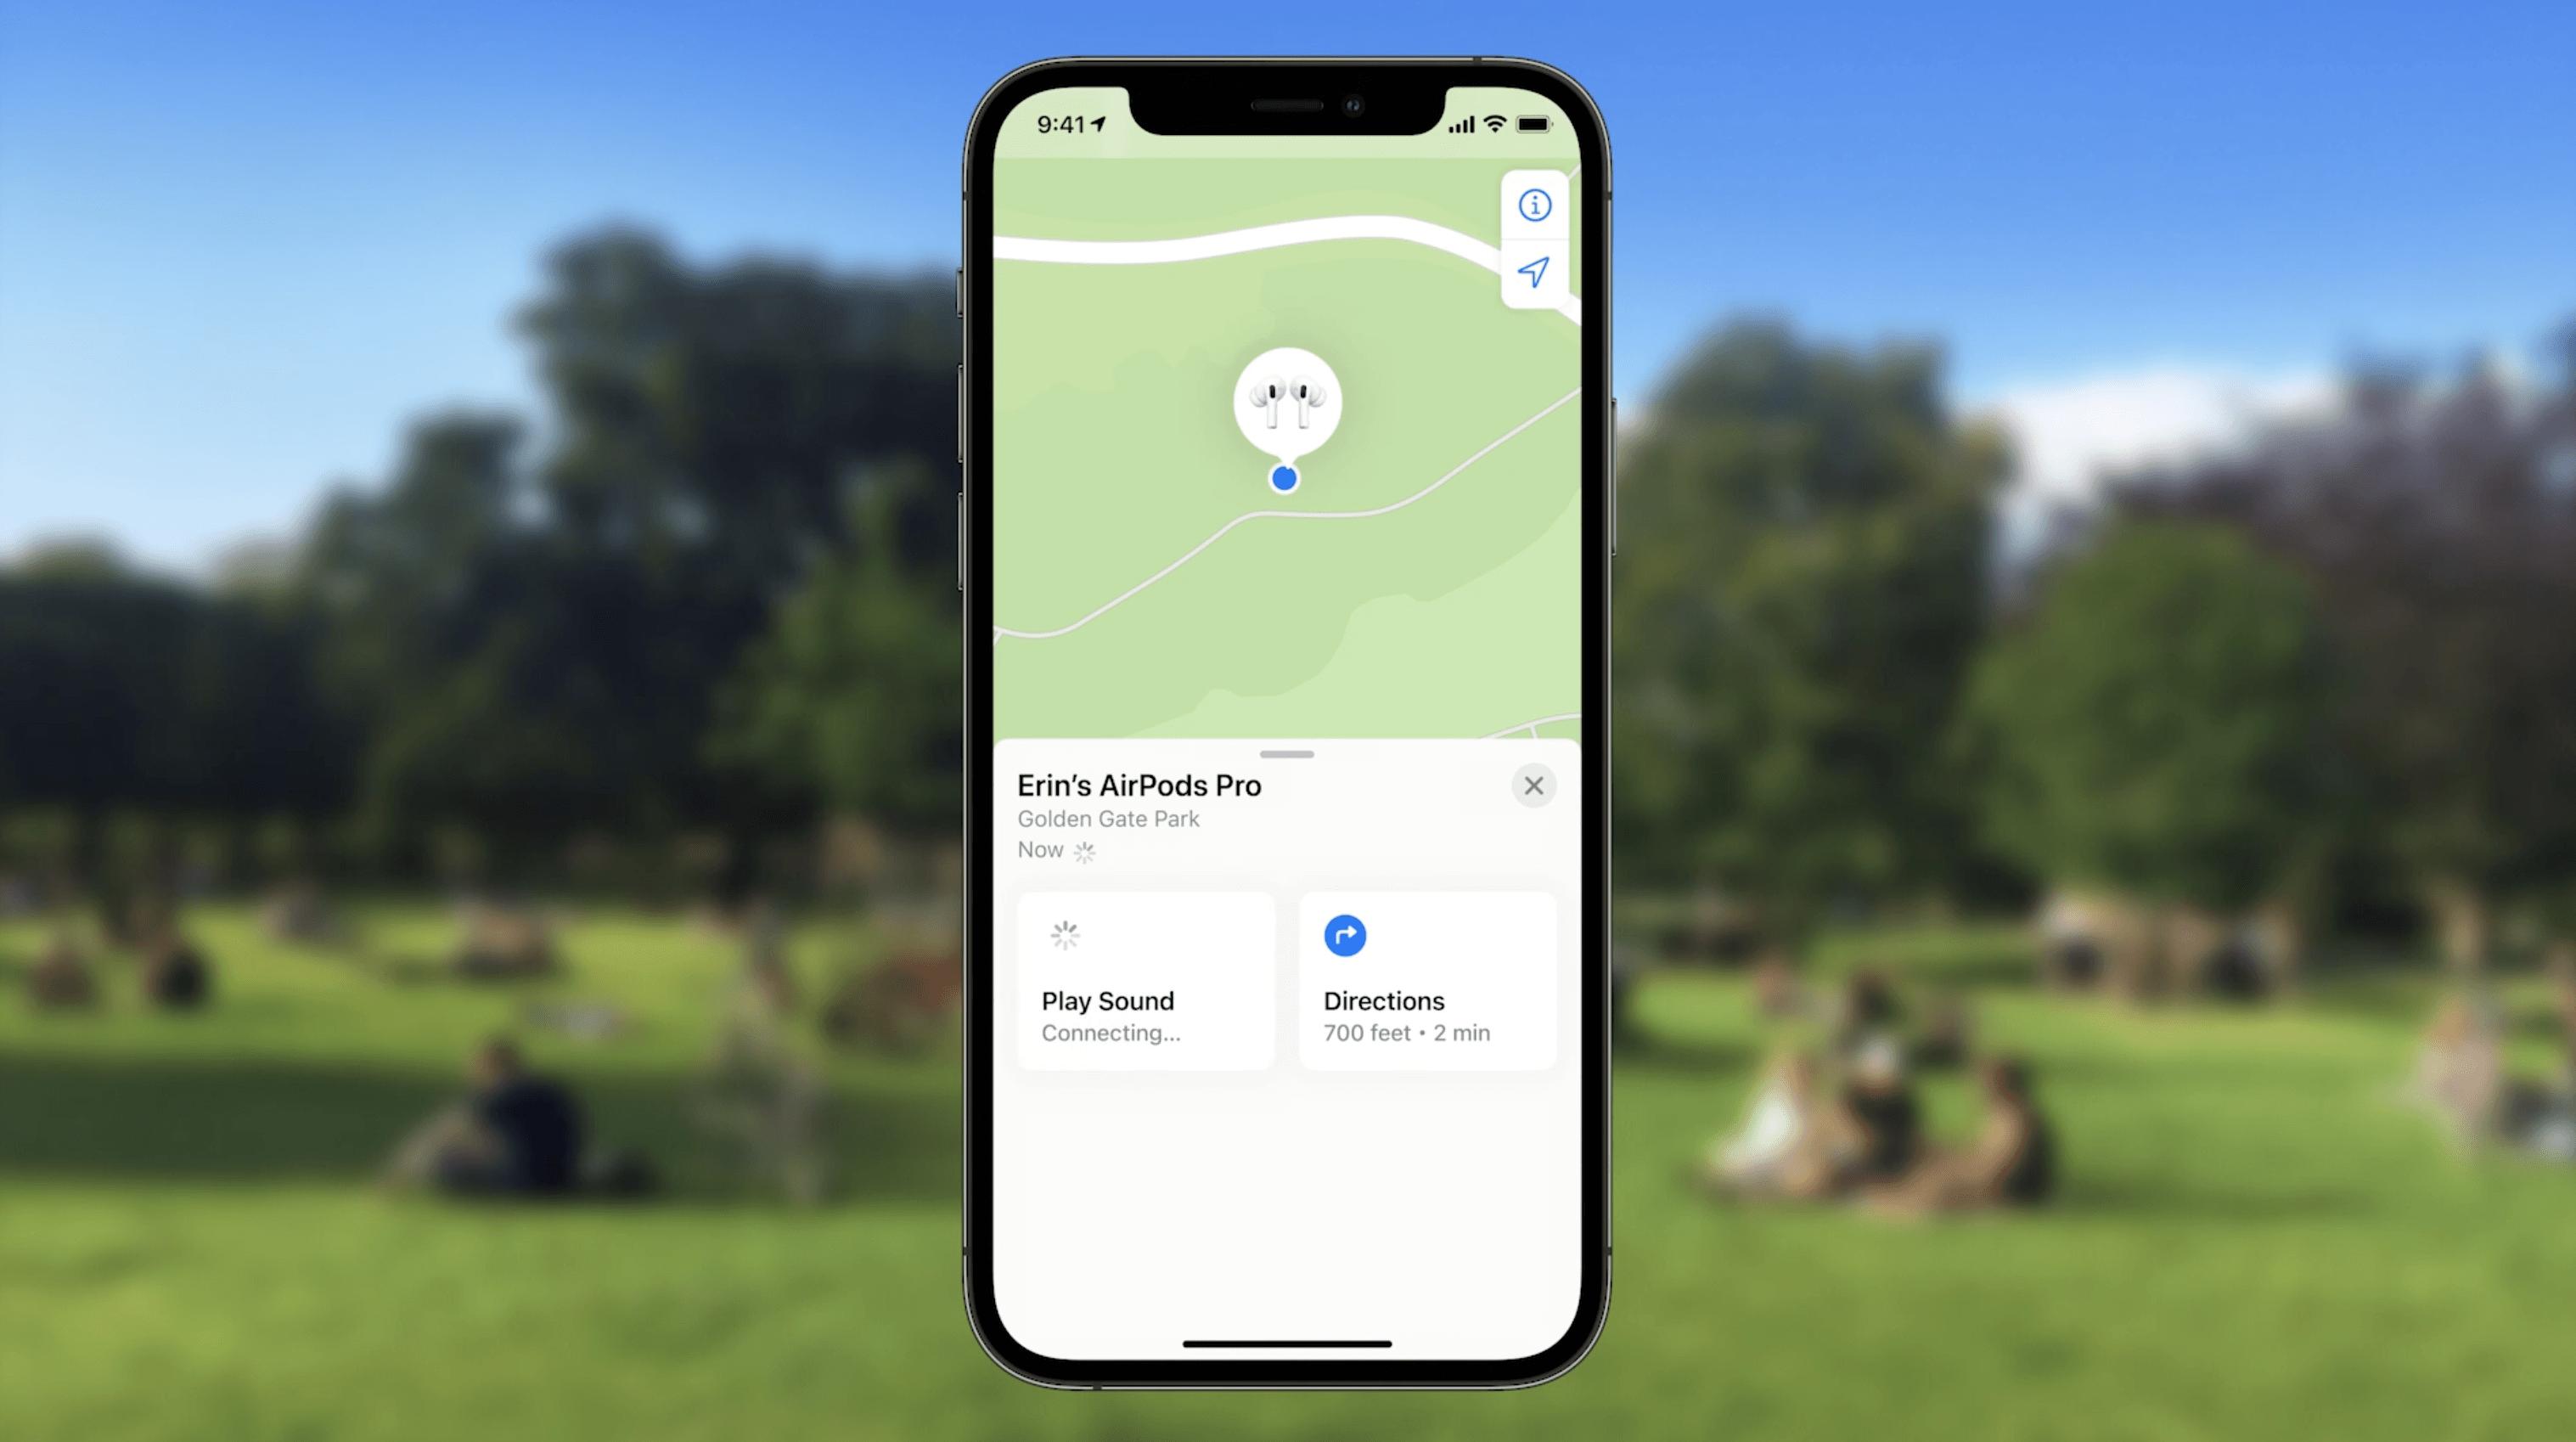 Apple juga melakukan pembaruan pada fitur AirPods